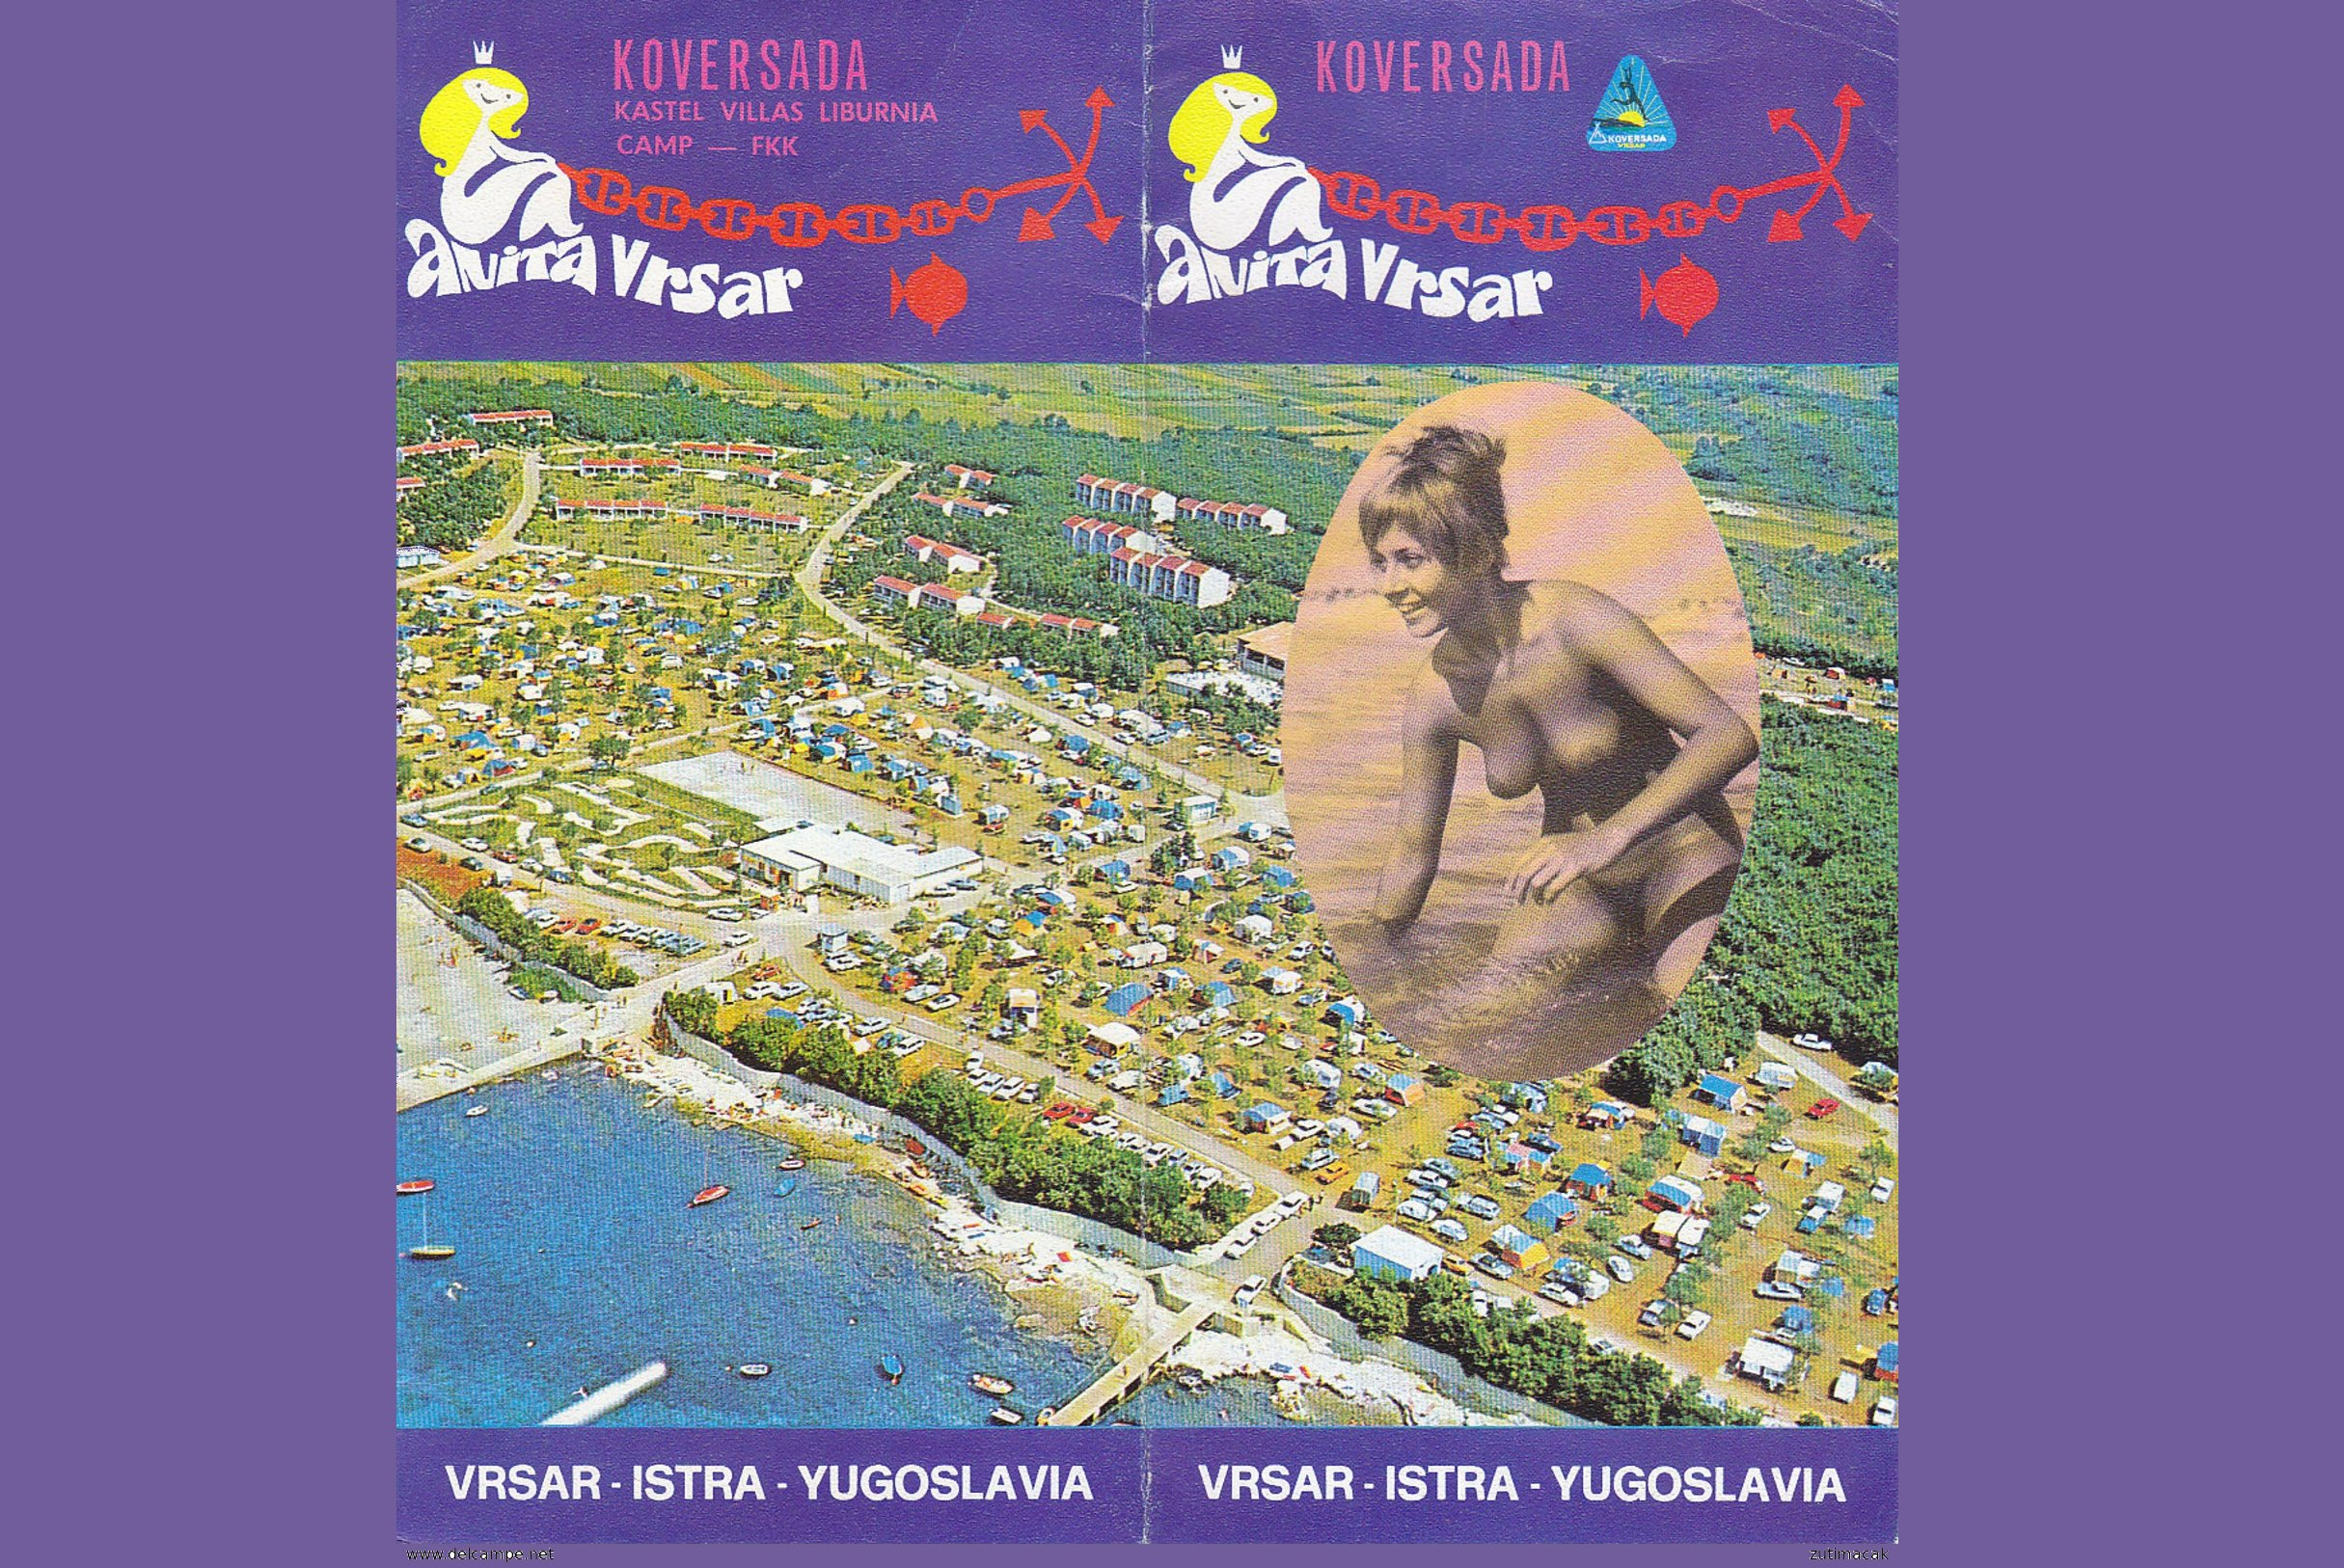 Una pubblicità del resort di Koversada